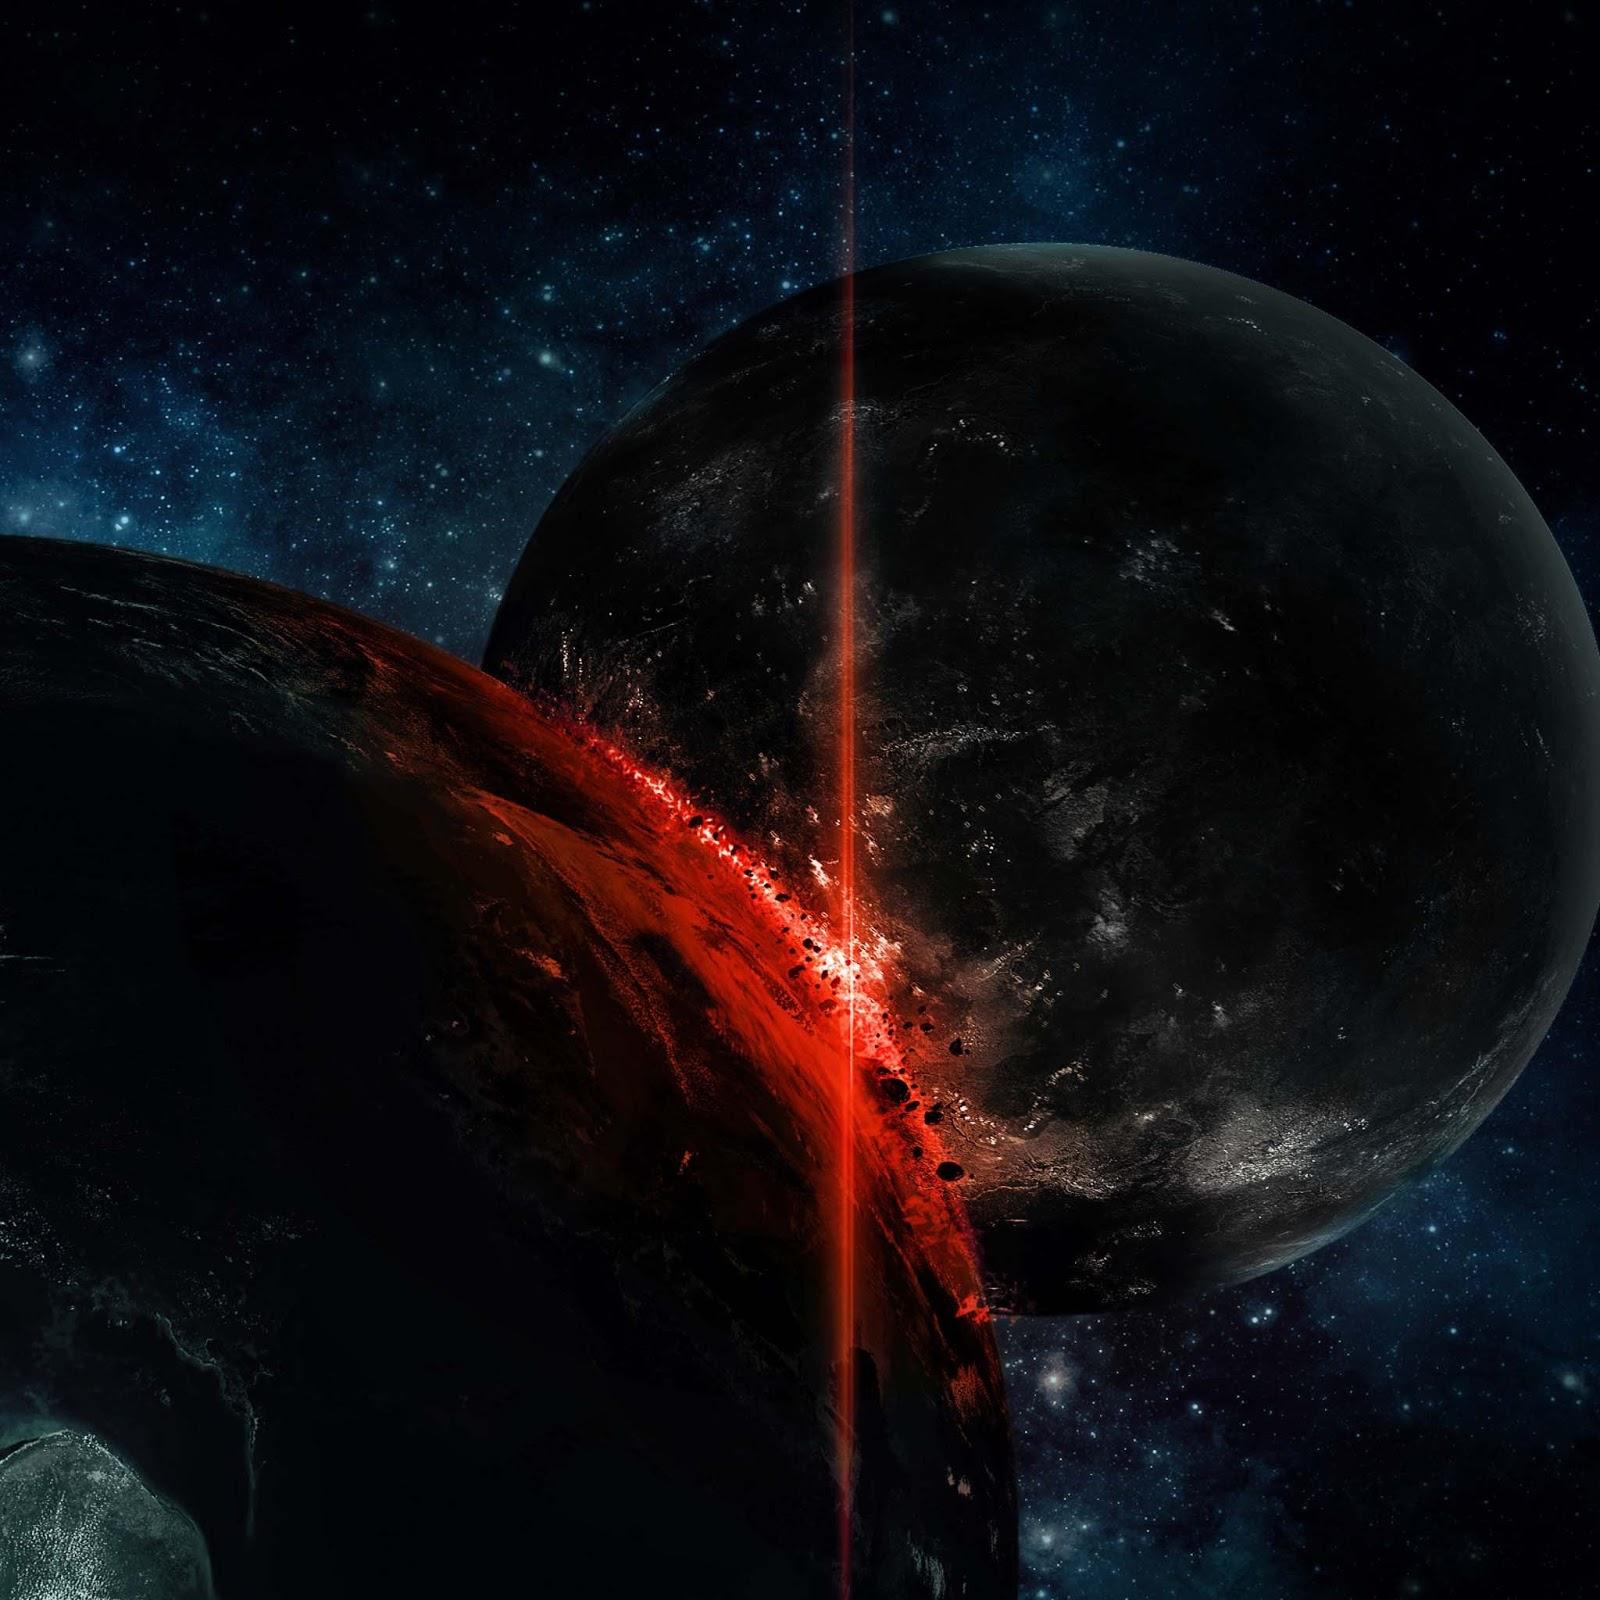 Vita sulla Terra dopo collisione che ha originato la Luna: nuova teoria